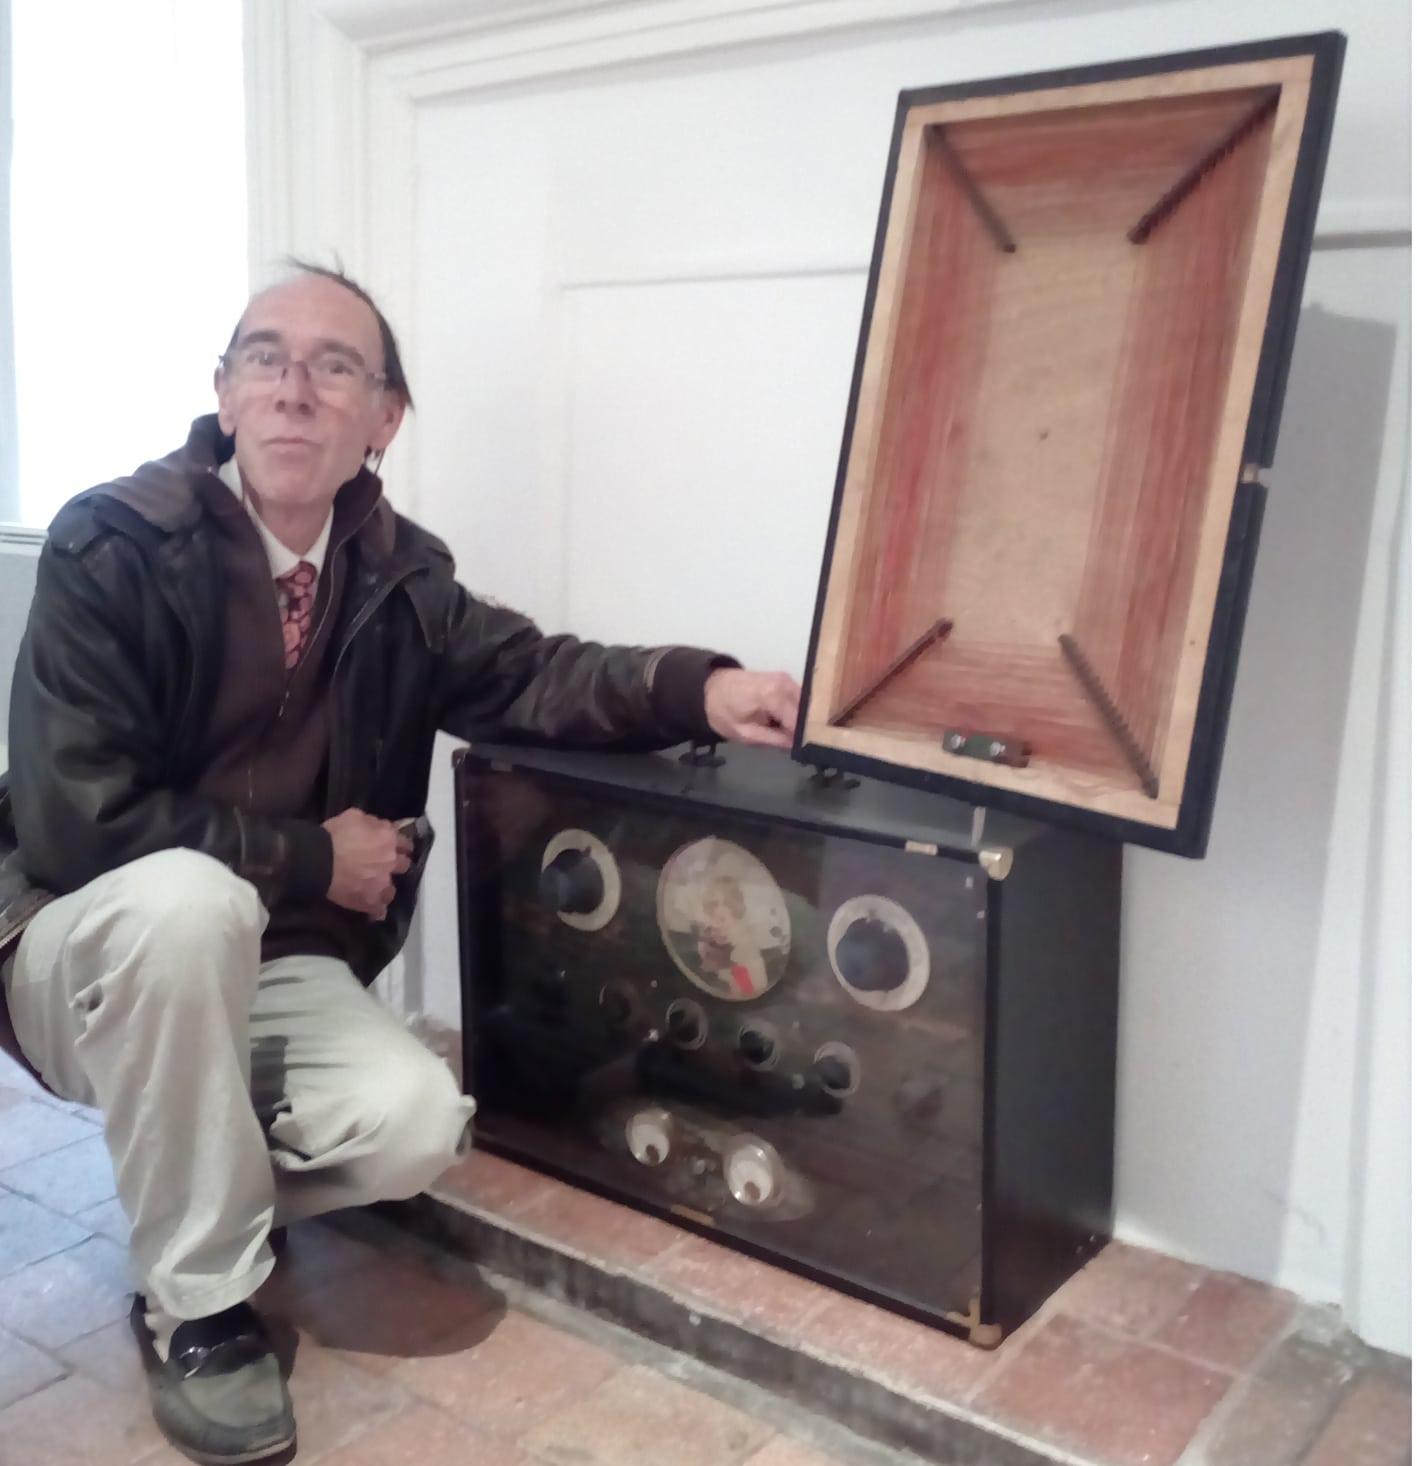 Daniel Lesueur devant une radio portable vintage